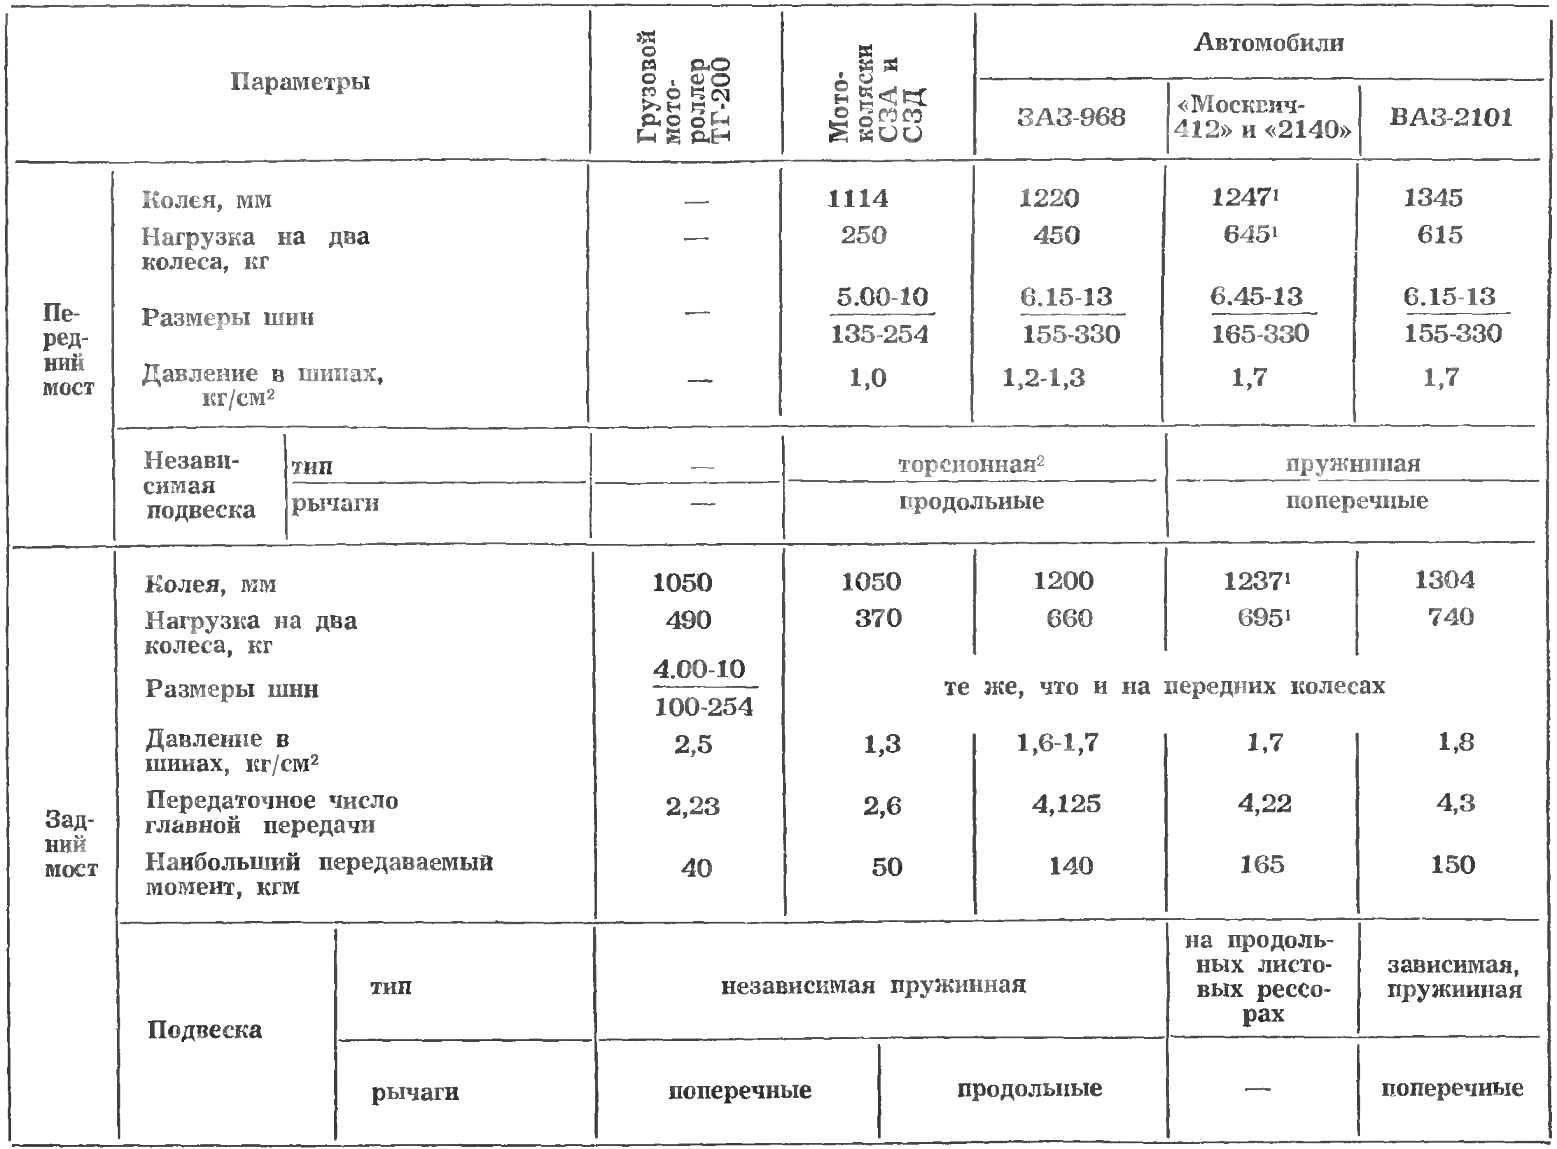 Таблица 2. ДАННЫЕ ПО ПЕРЕДНИМ И ЗАДНИМ МОСТАМ